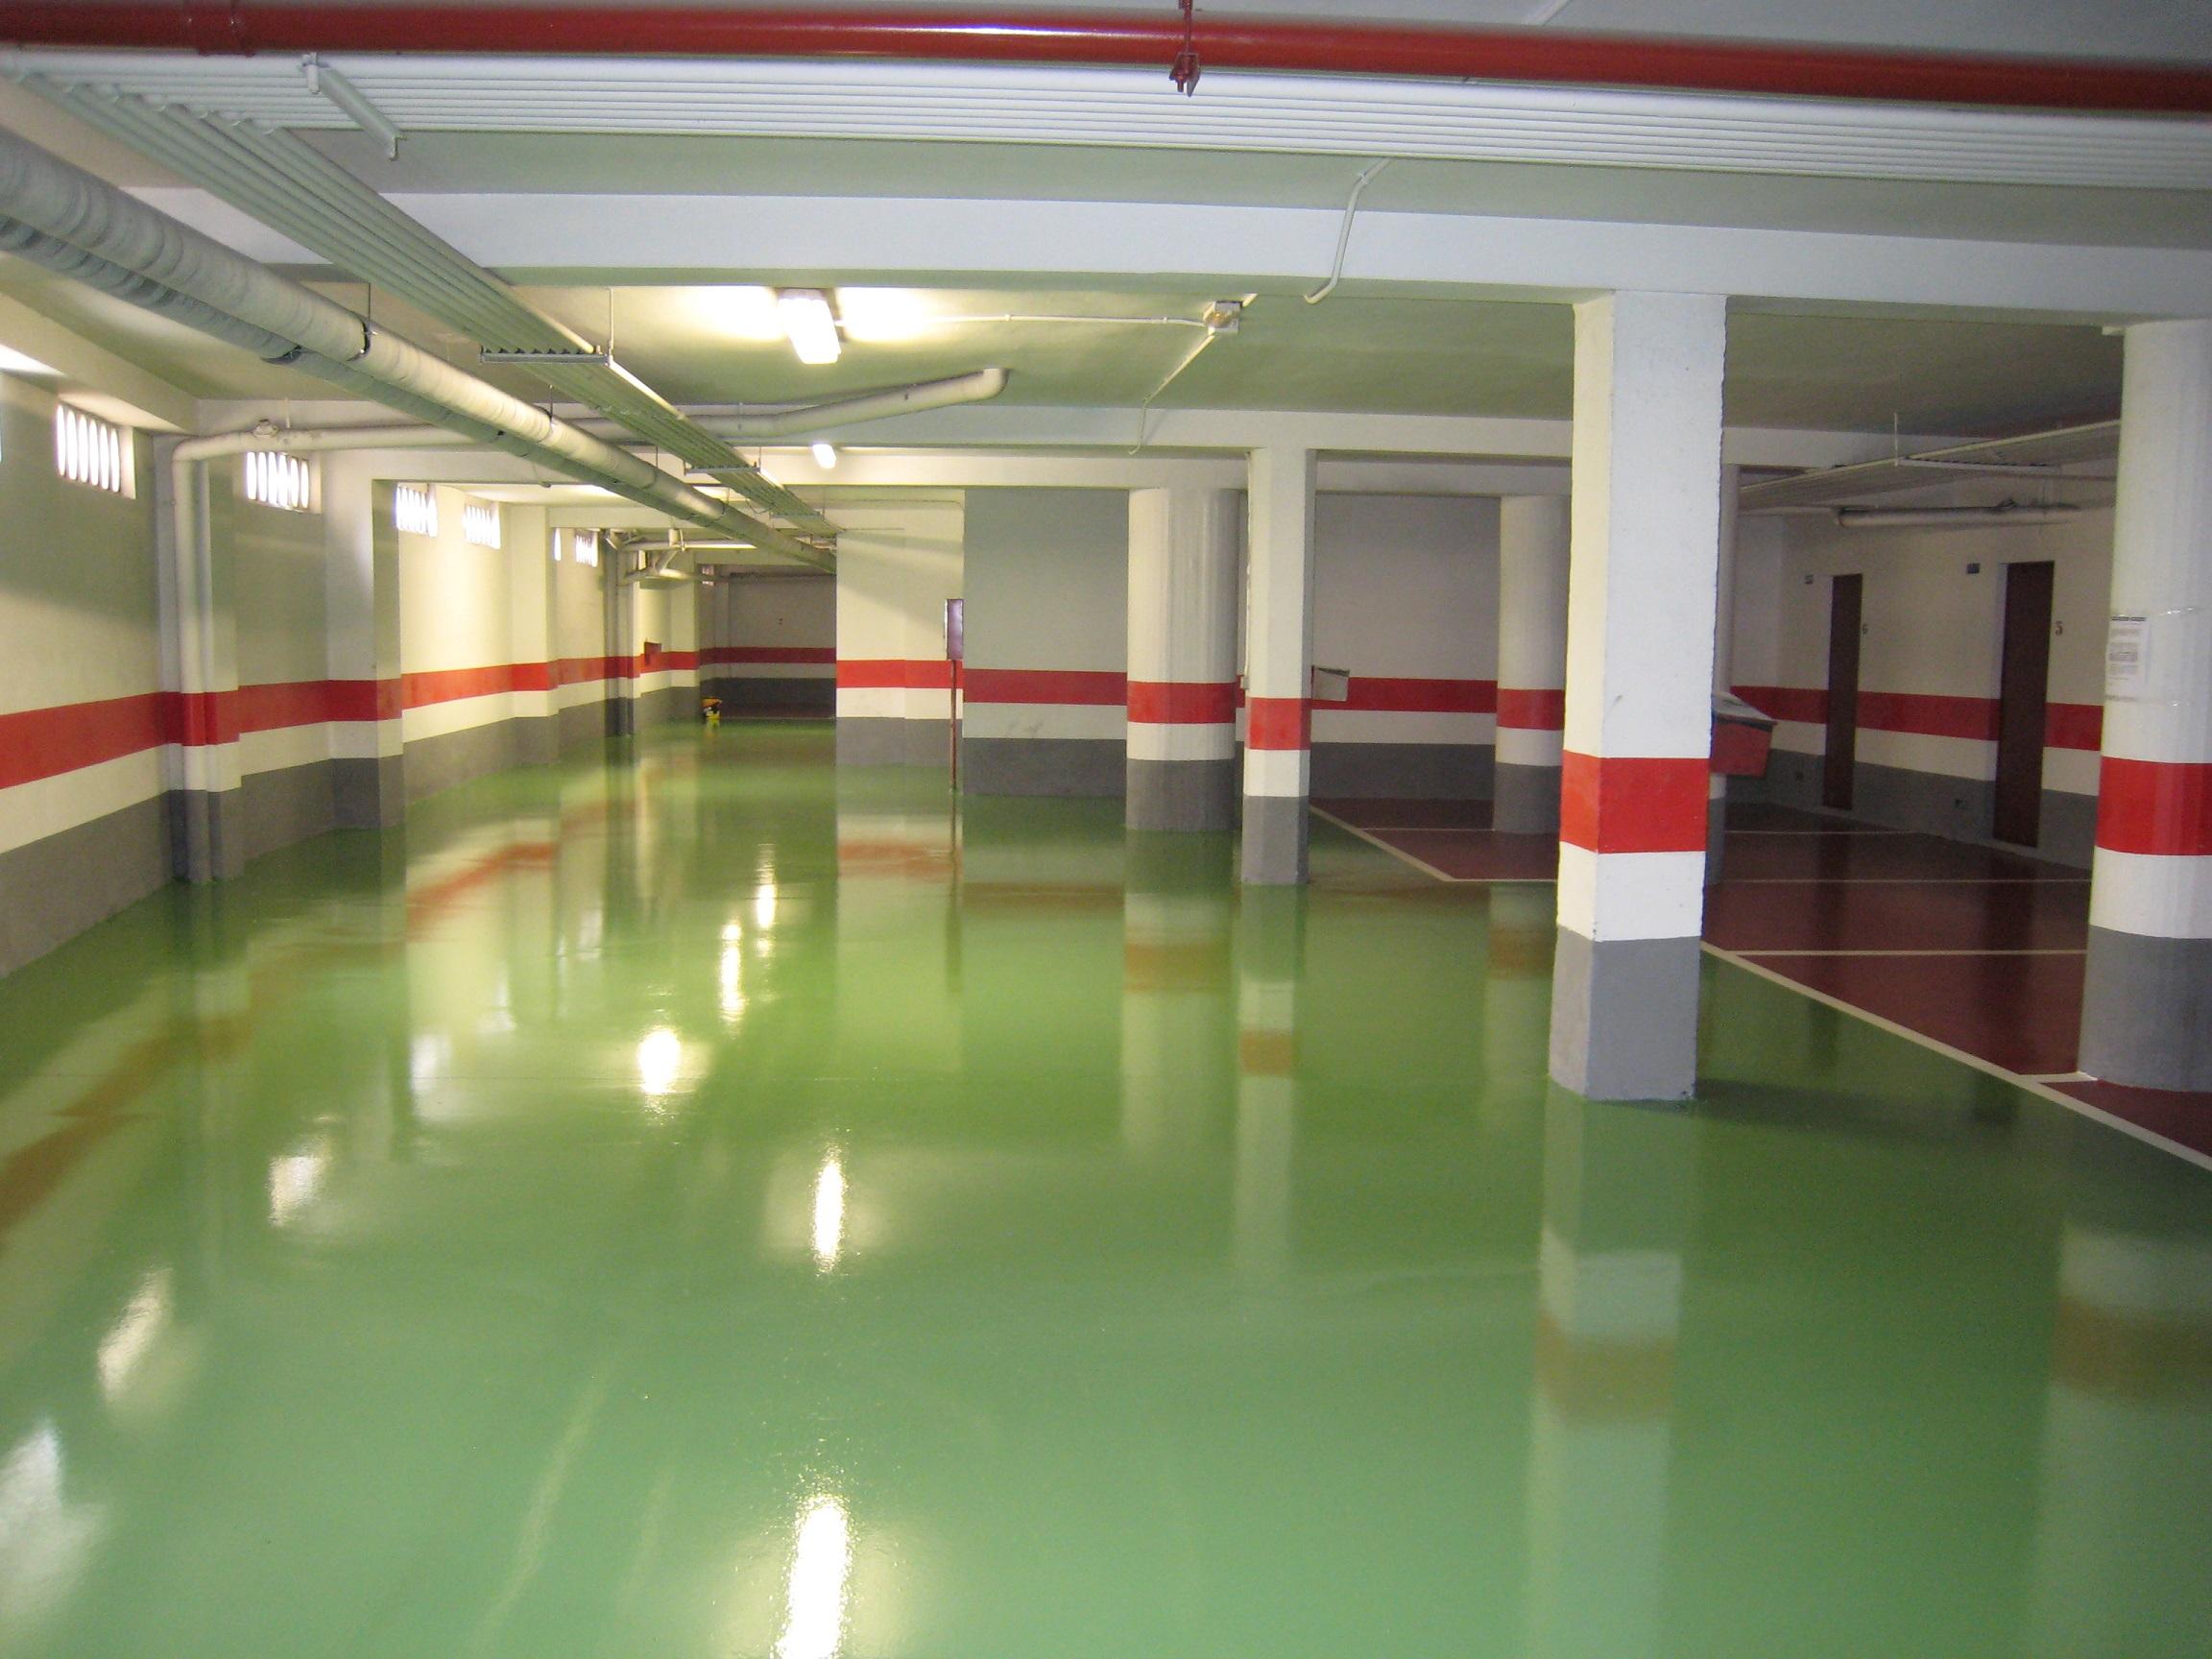 Ref 123 01 pintura especial para suelos de garajes - Pinturas para suelo ...